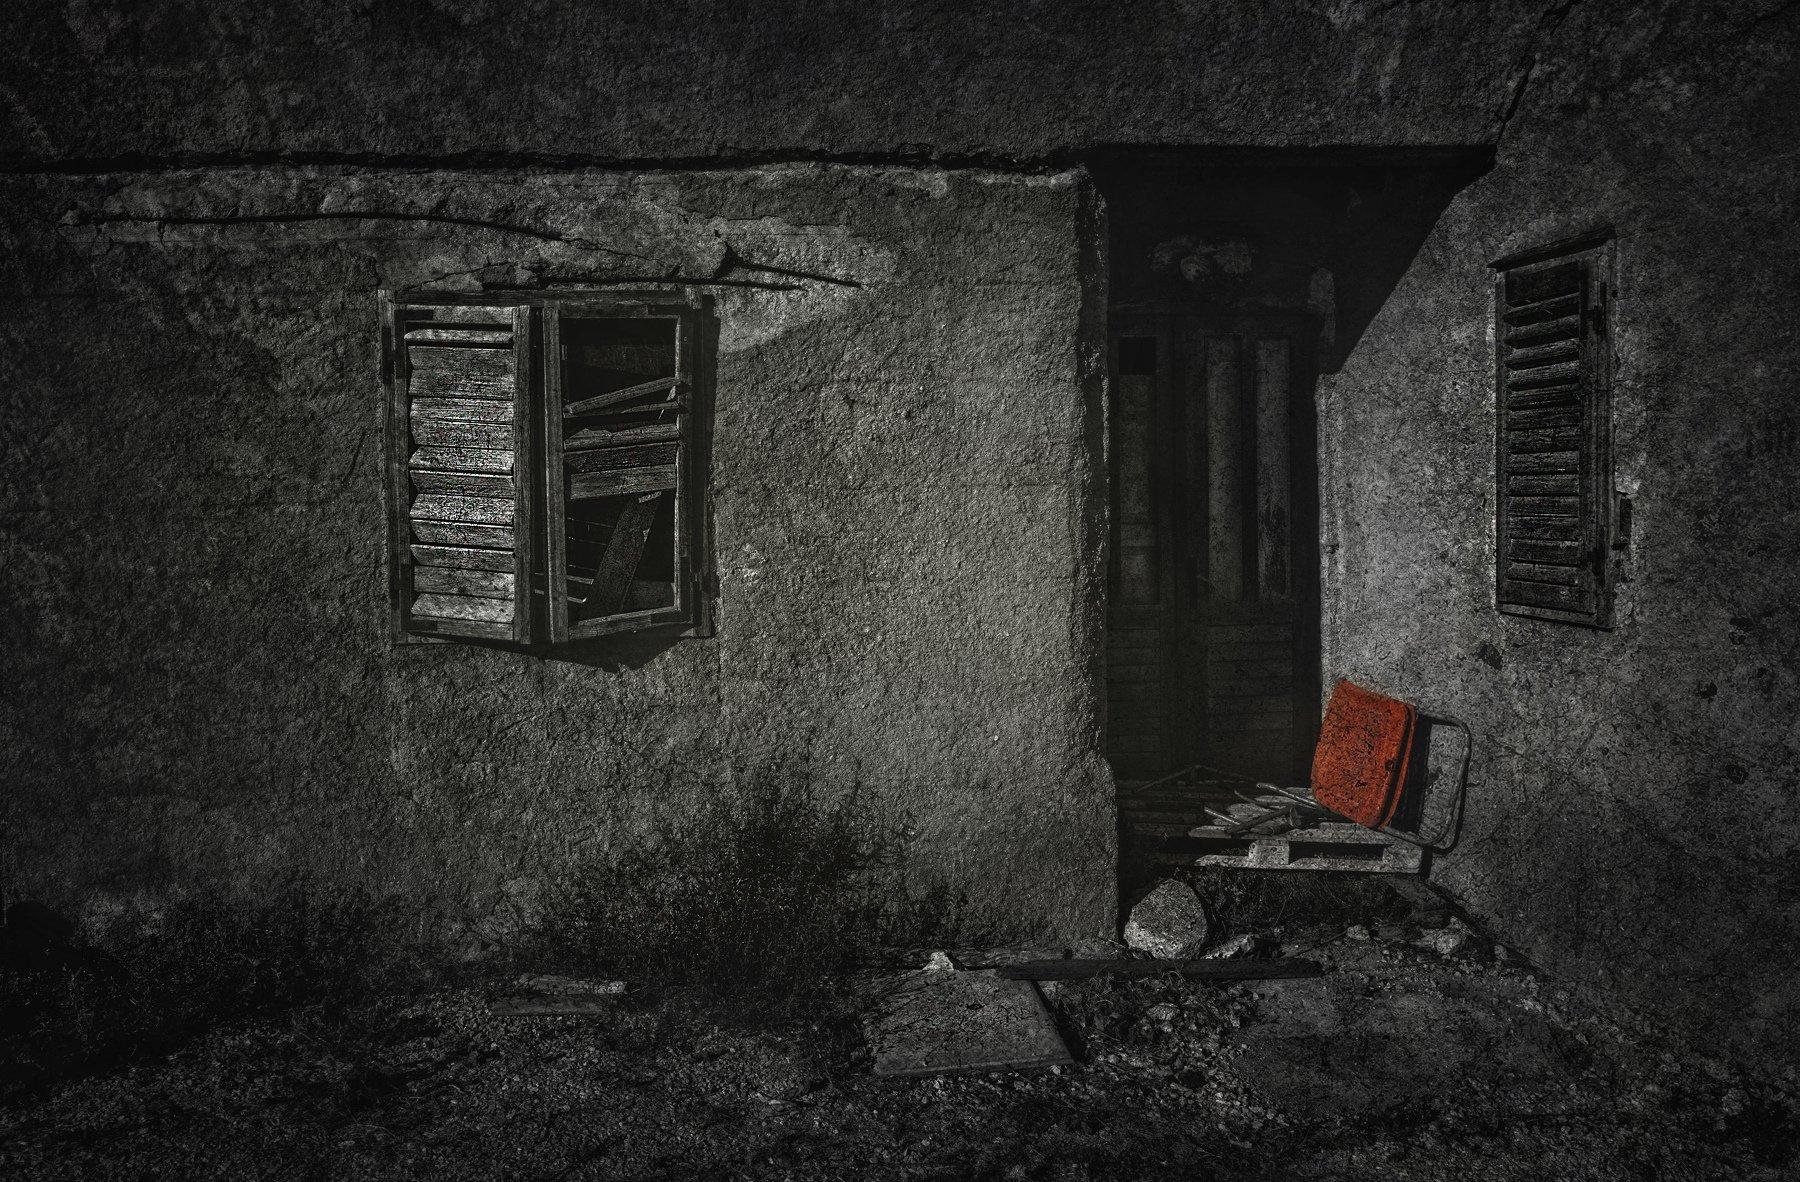 architecture, art, bw, chair, croatia, door, house, pasman, red, trogir, wall, window, арт, архитектура, дверь, дом, красный, остров, стена, стул, хорватия, цвет, чб, Сергей Нестеров